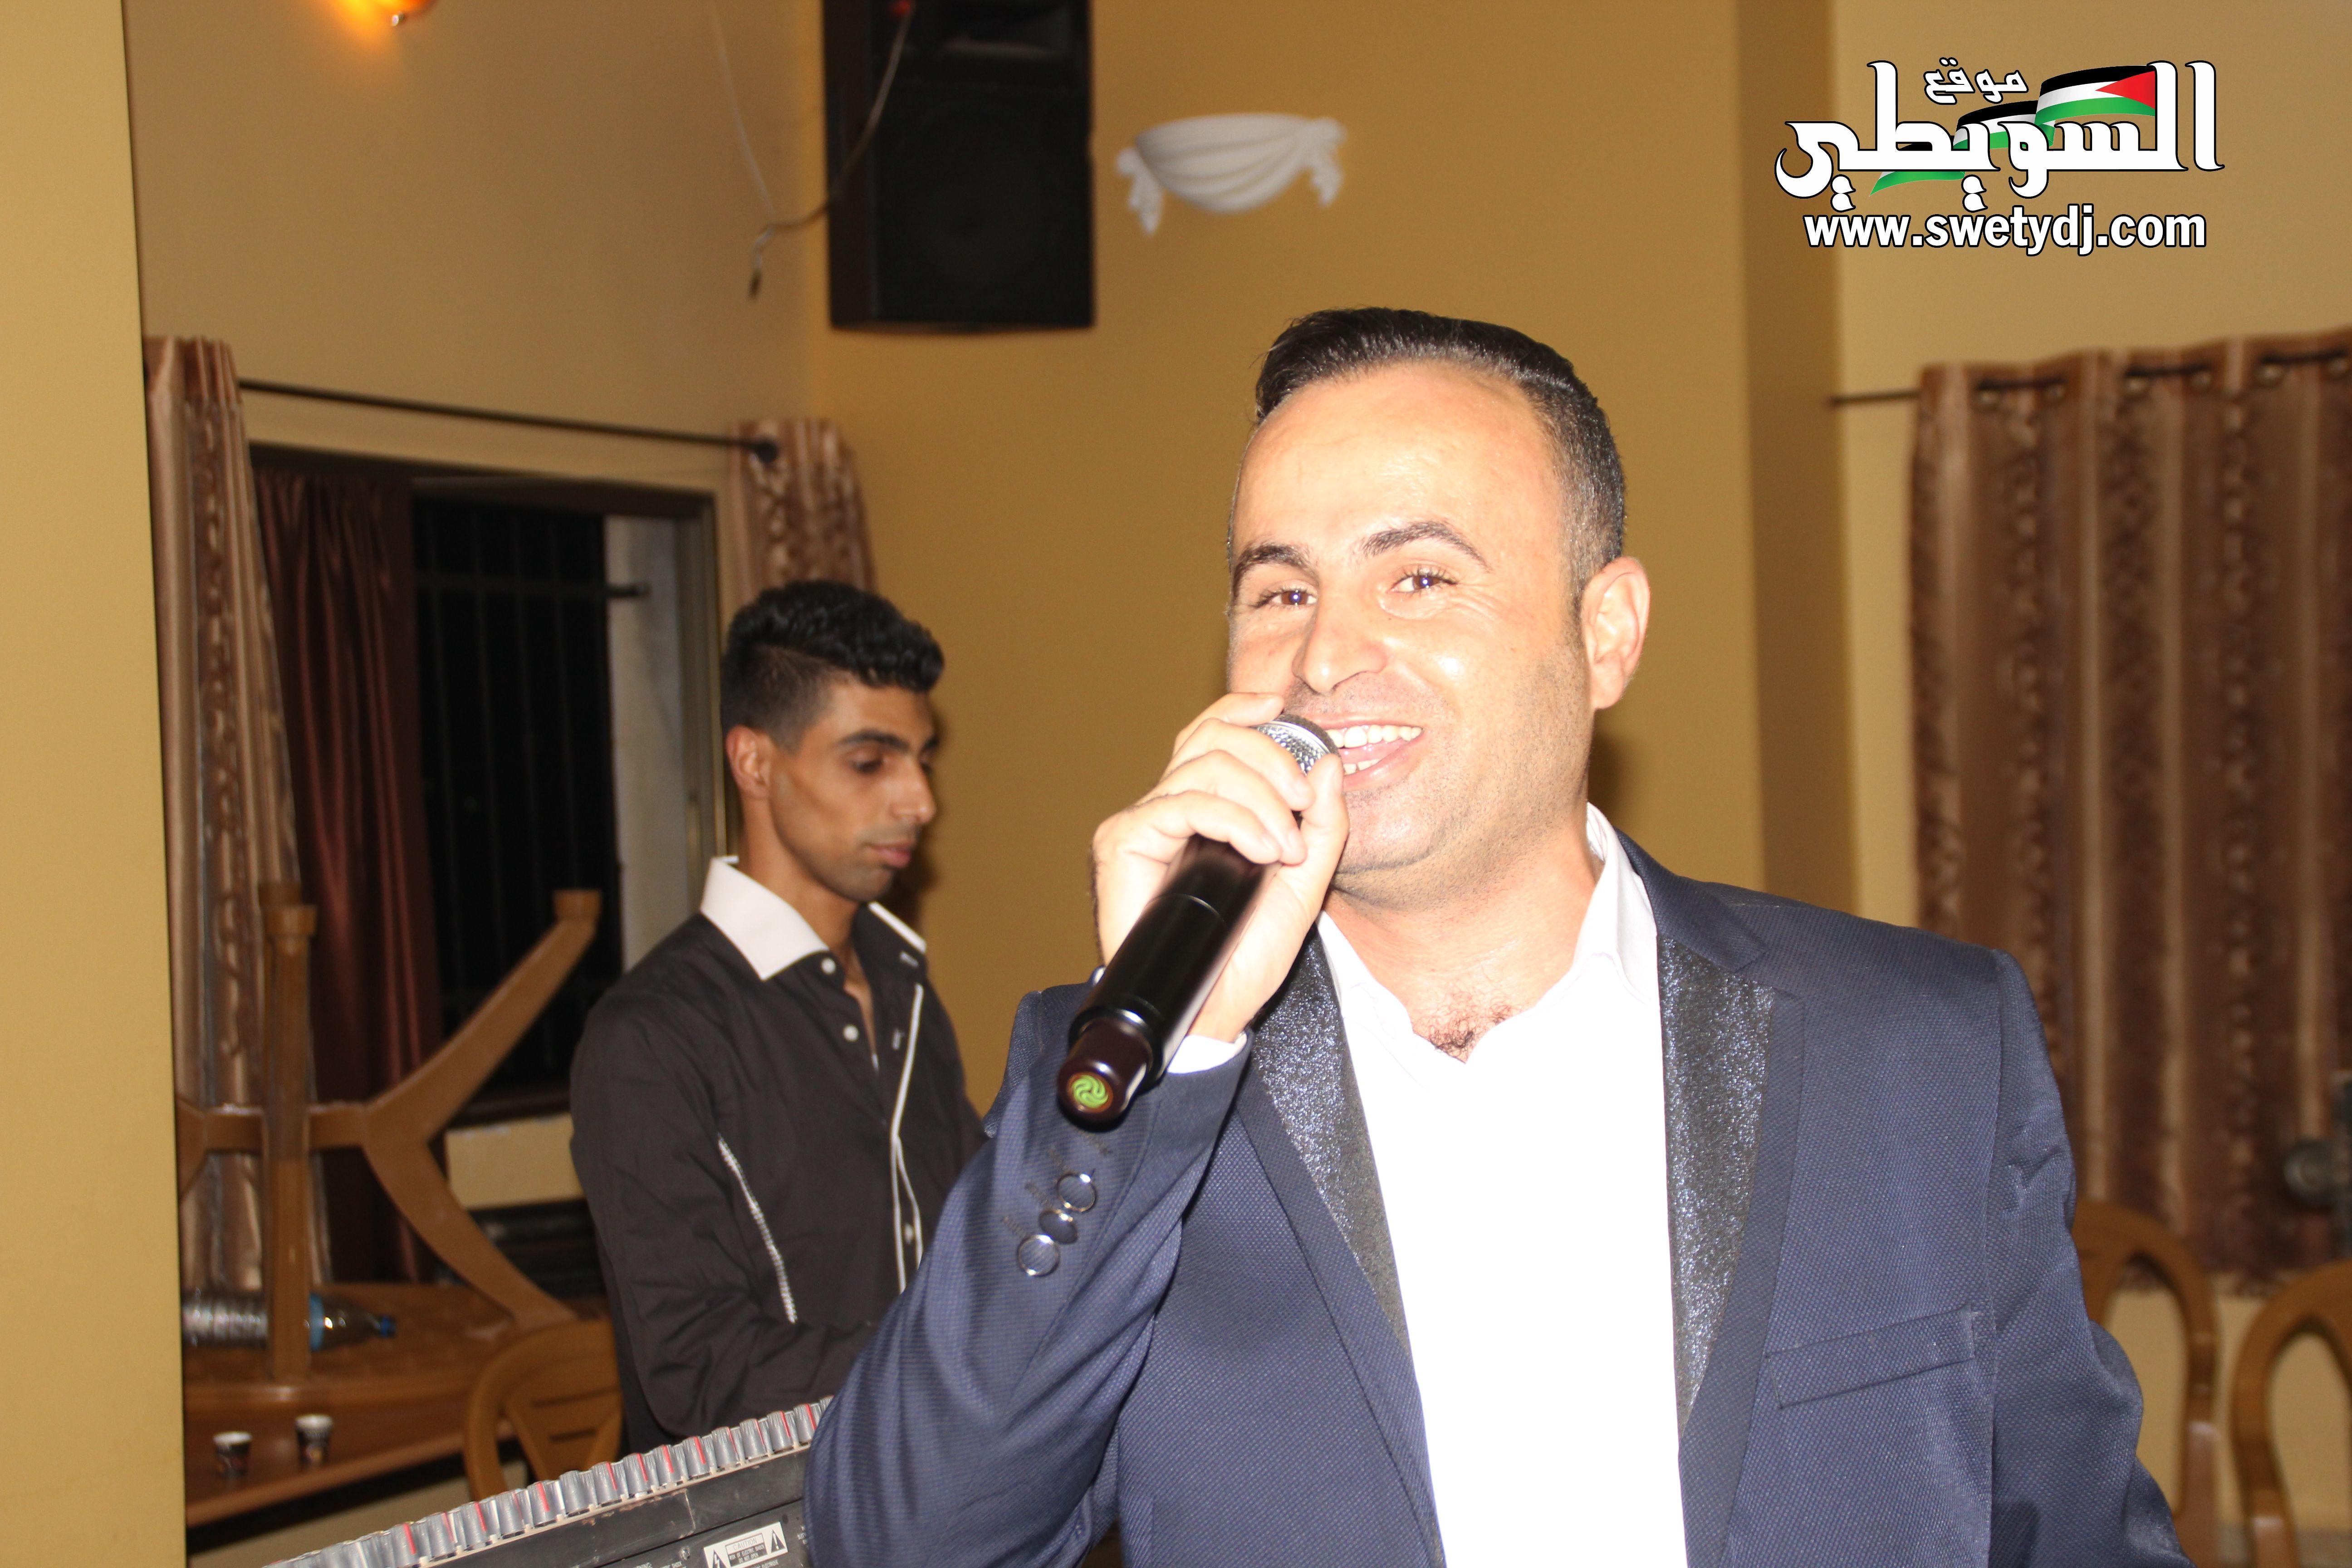 مواويل عراقي غزل الفنان حسين السويطي و عازف الاورغ علاء السويطي و صوتيات السويطي